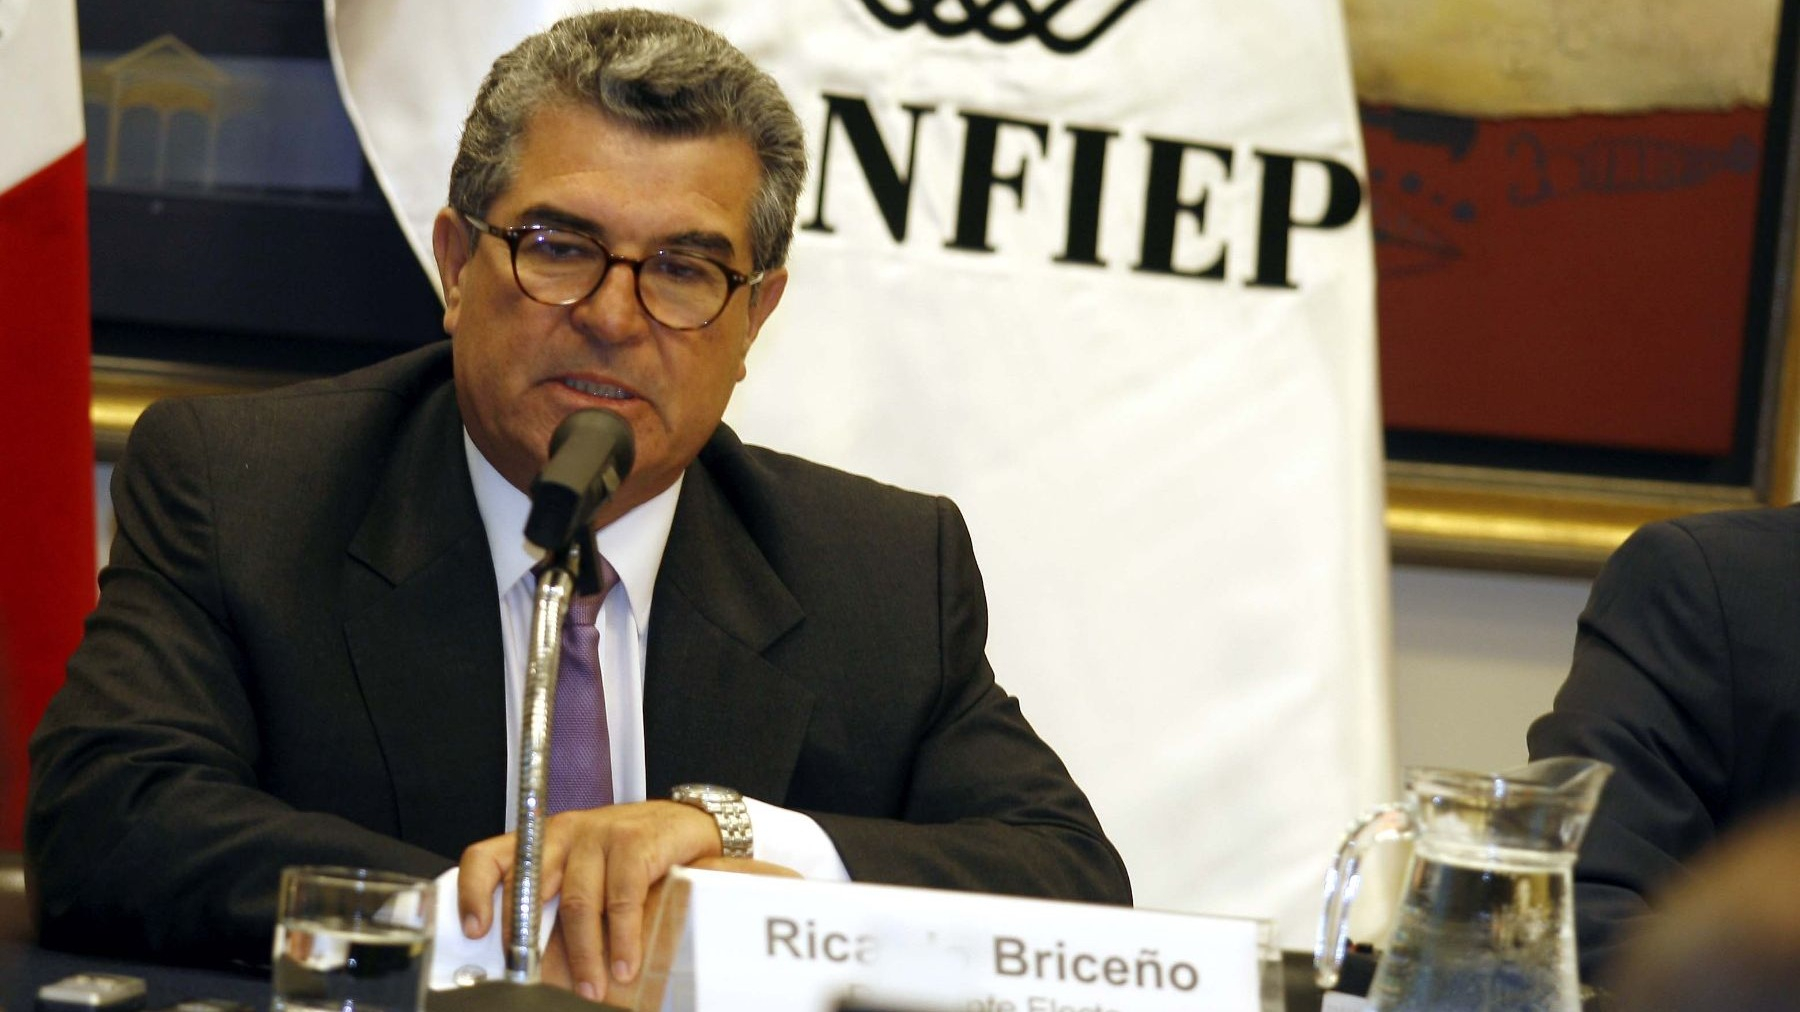 Ricardo Briceño aclaró que su cargo como presidente de la CONFIEP fue durante marzo de 2009 y febrero de 2011.